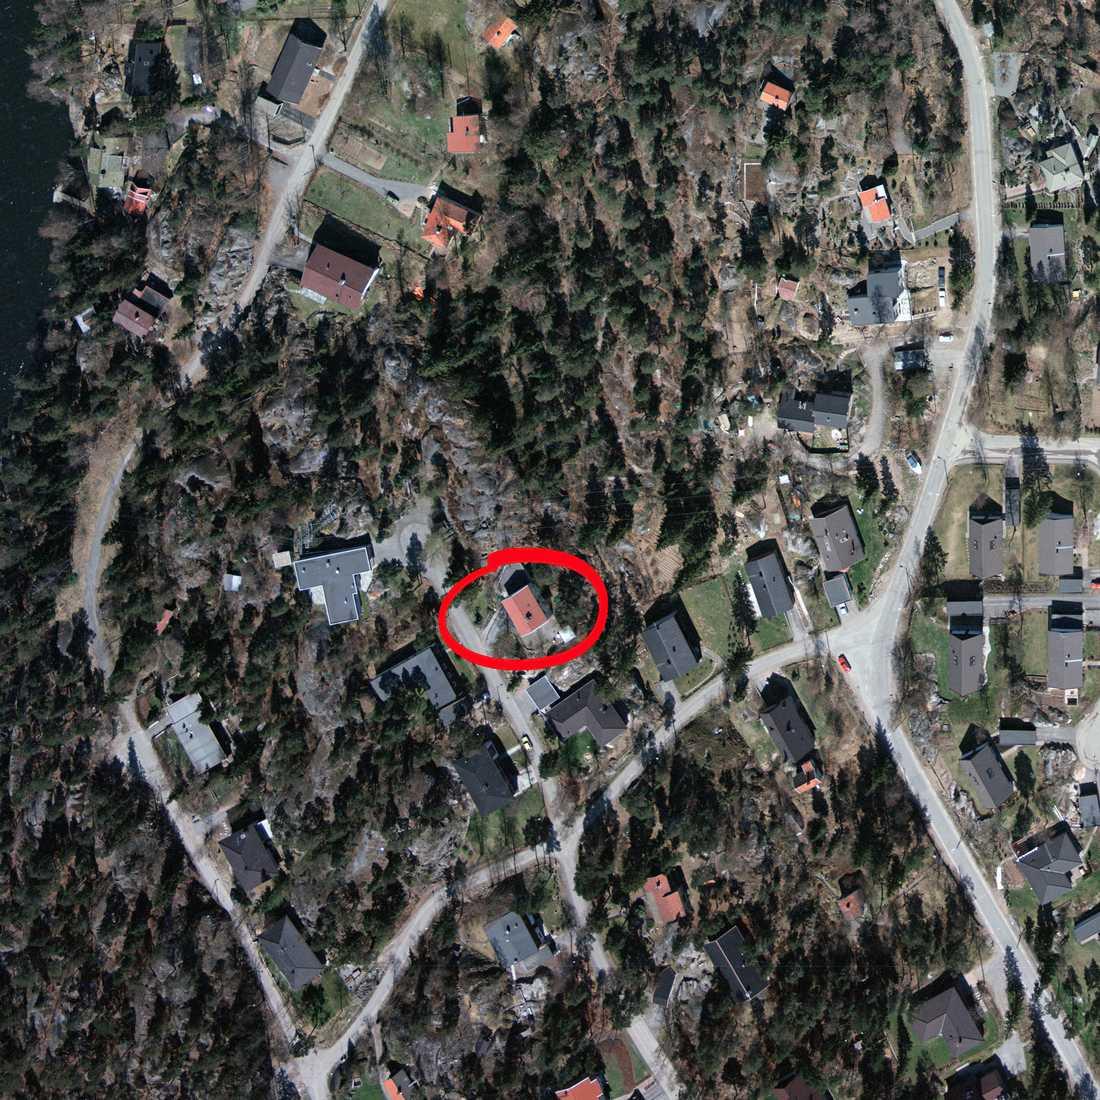 KGB-agenternas hus låg mitt i villaidyllen.